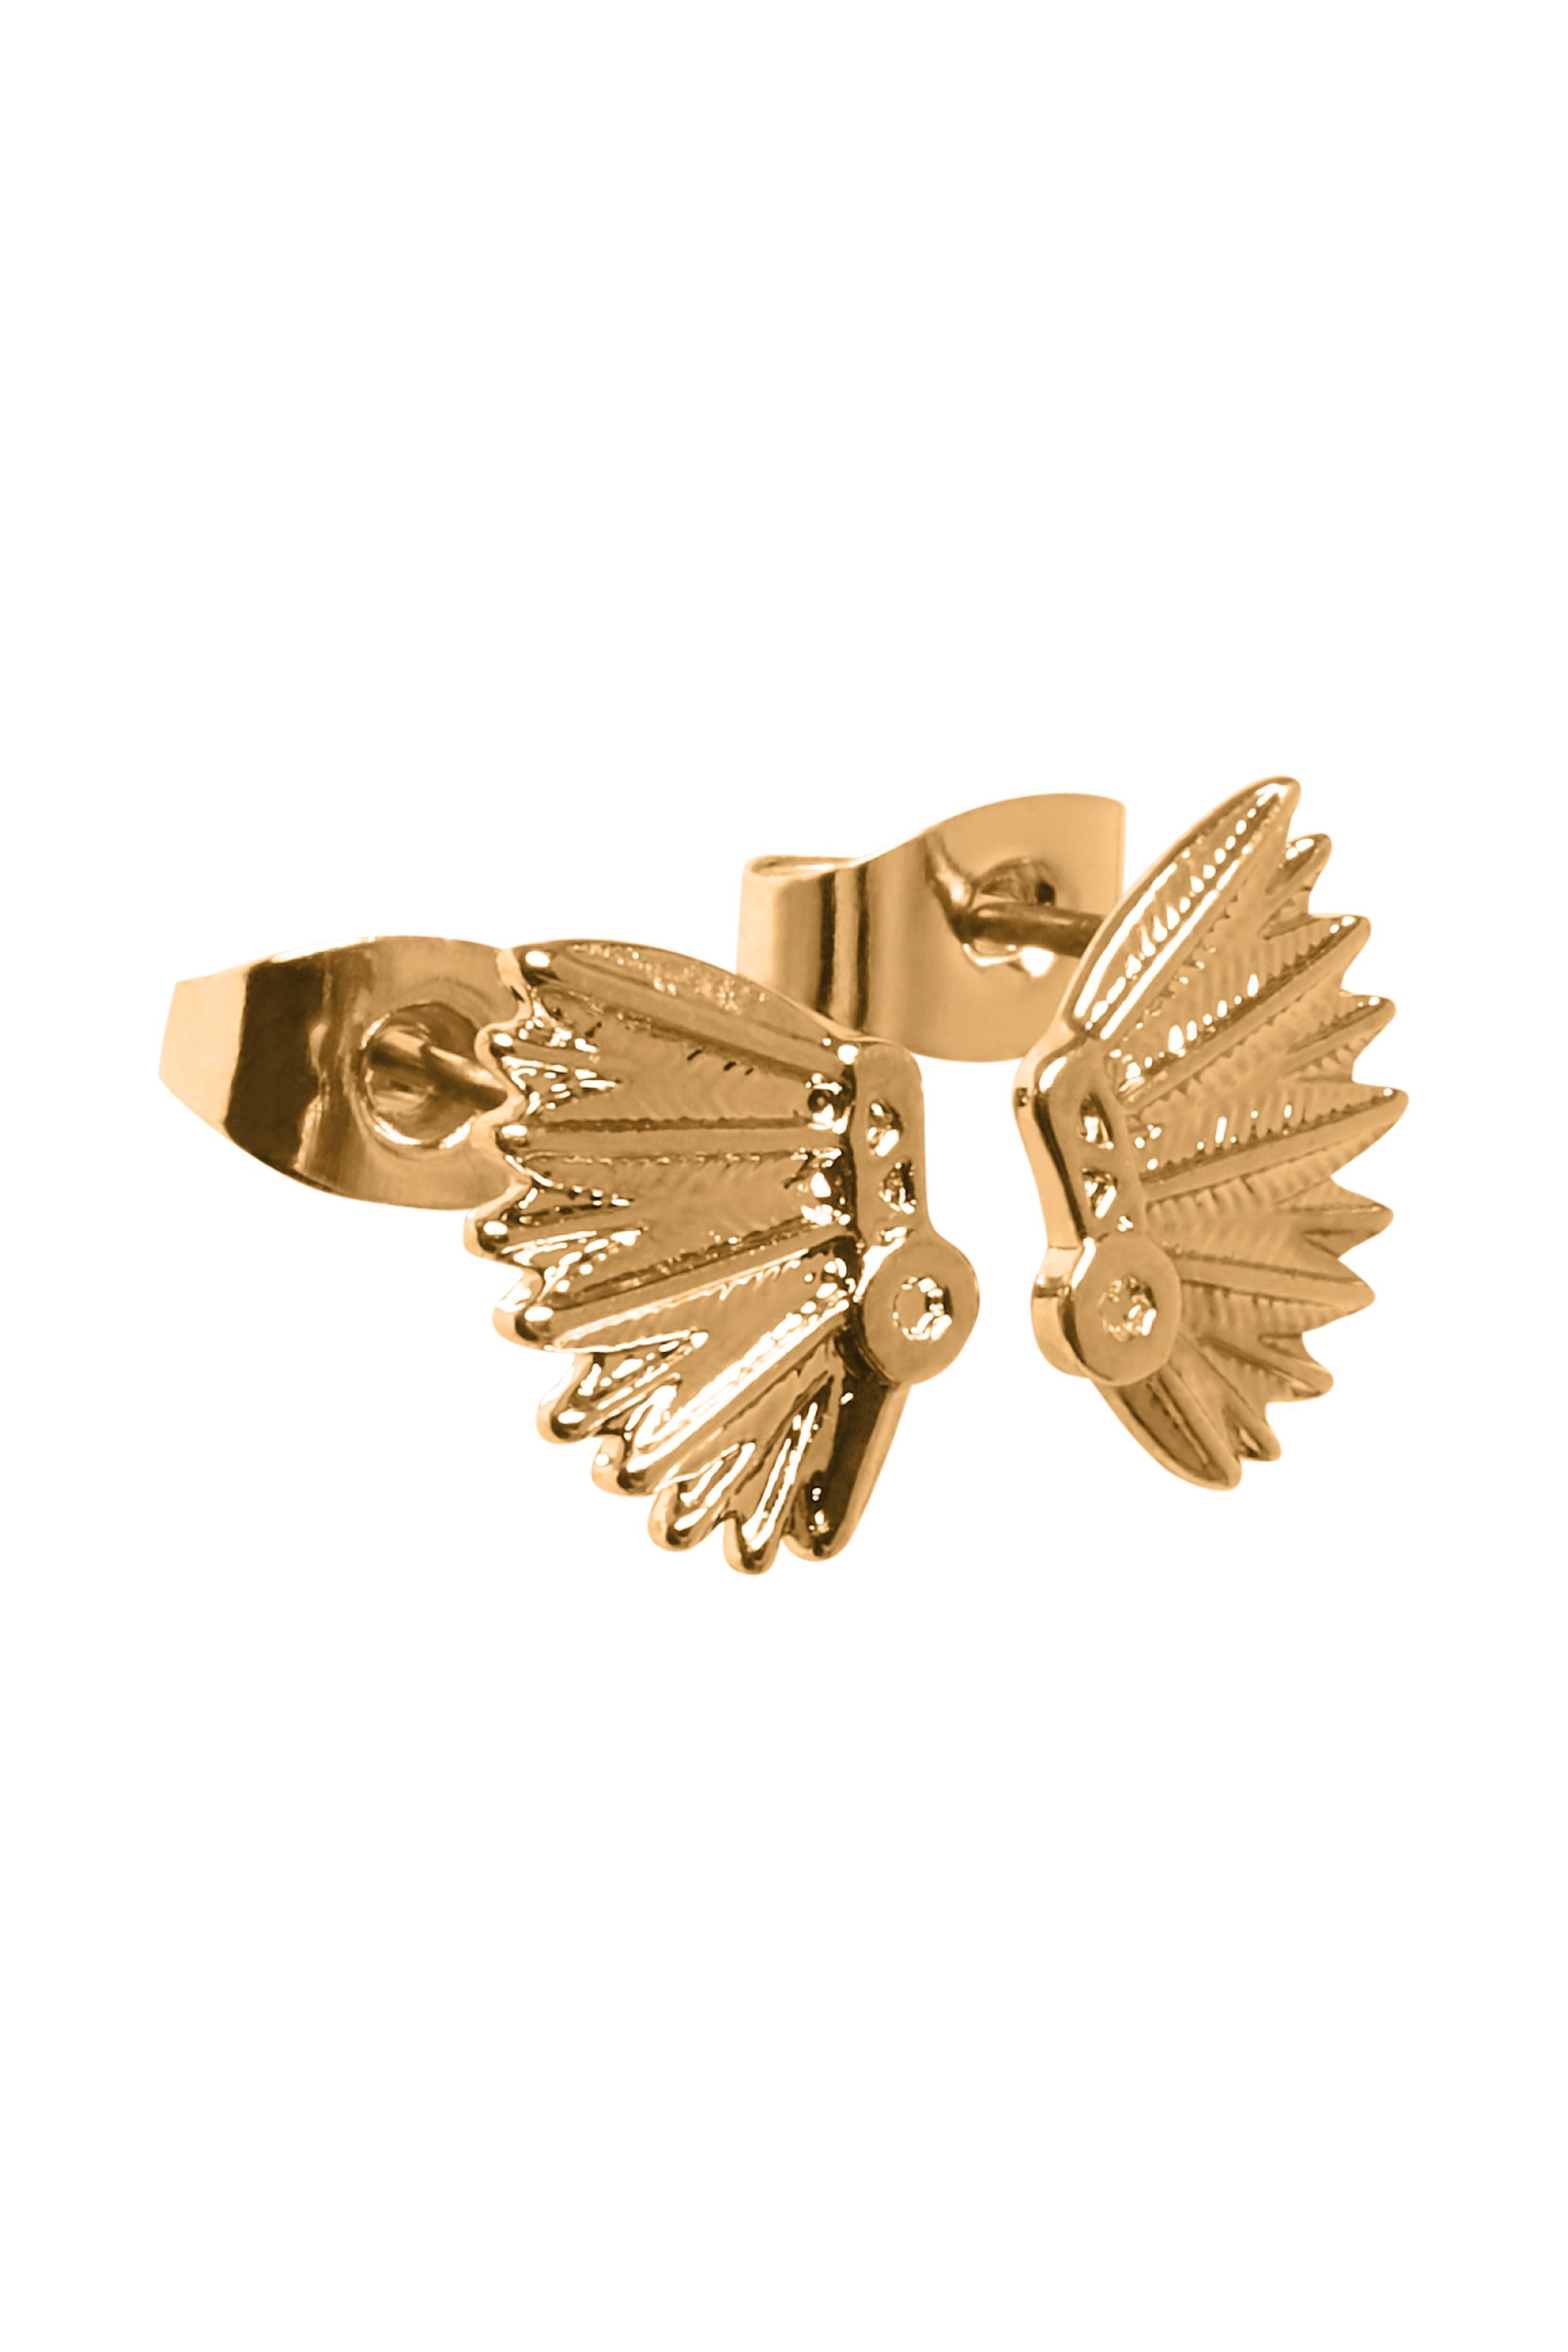 Guld Örhängen  från Fransa – Köp Guld Örhängen  från stl. ONE här